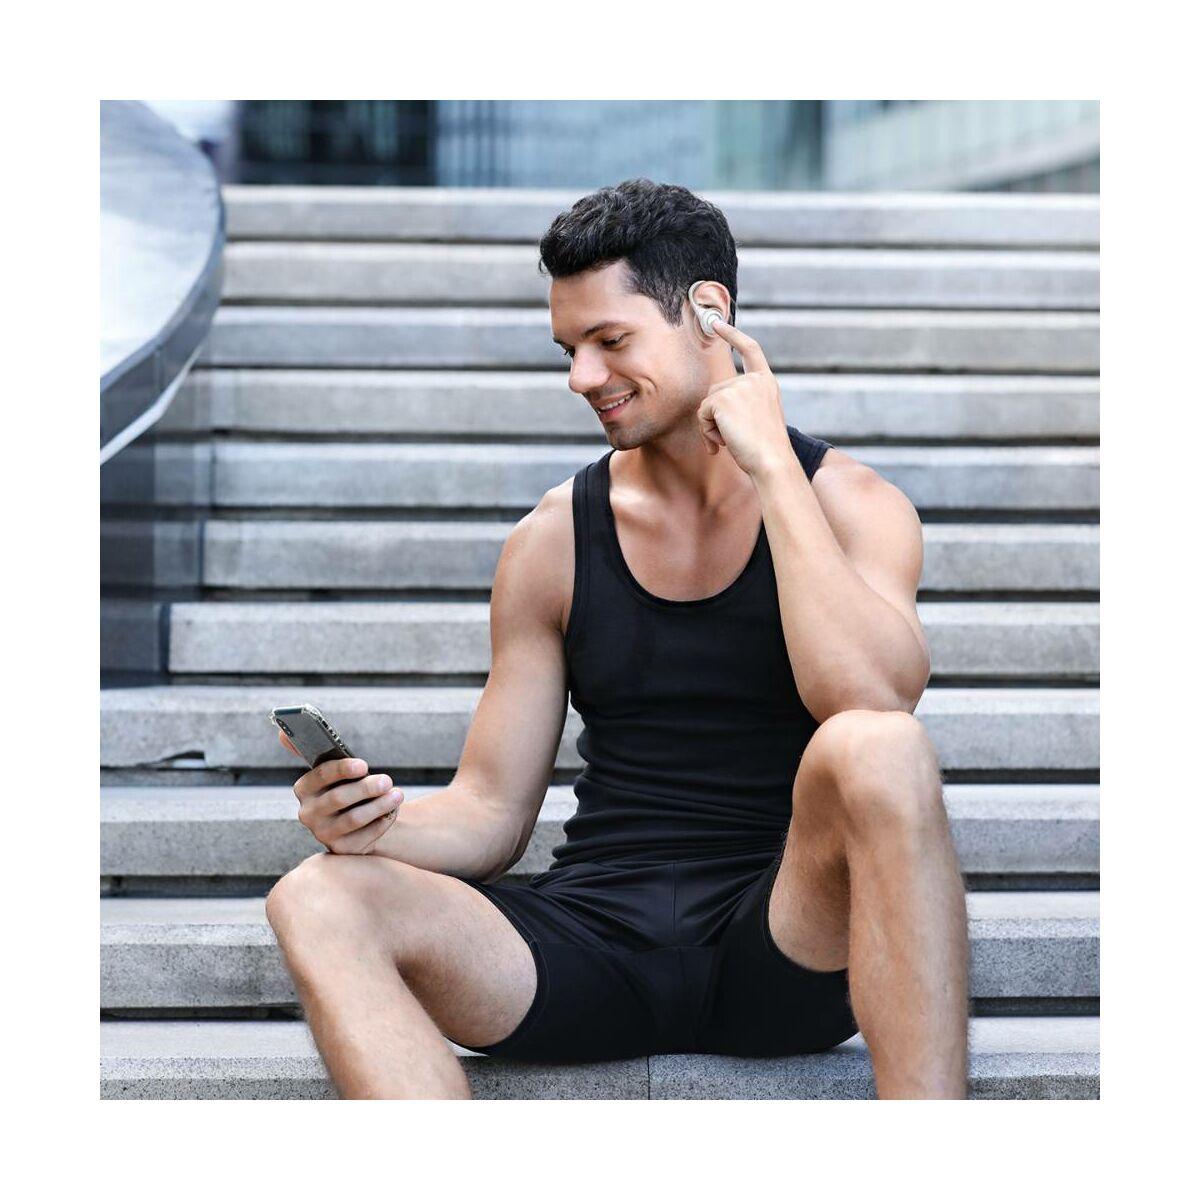 Baseus fülhallgató, Bluetooth Encok W17 True Wireless, vezeték nélküli, BT 5.0 TWS, 20-20kHz tartomány, akár 30 óra zene, fehér (NGW17-02)